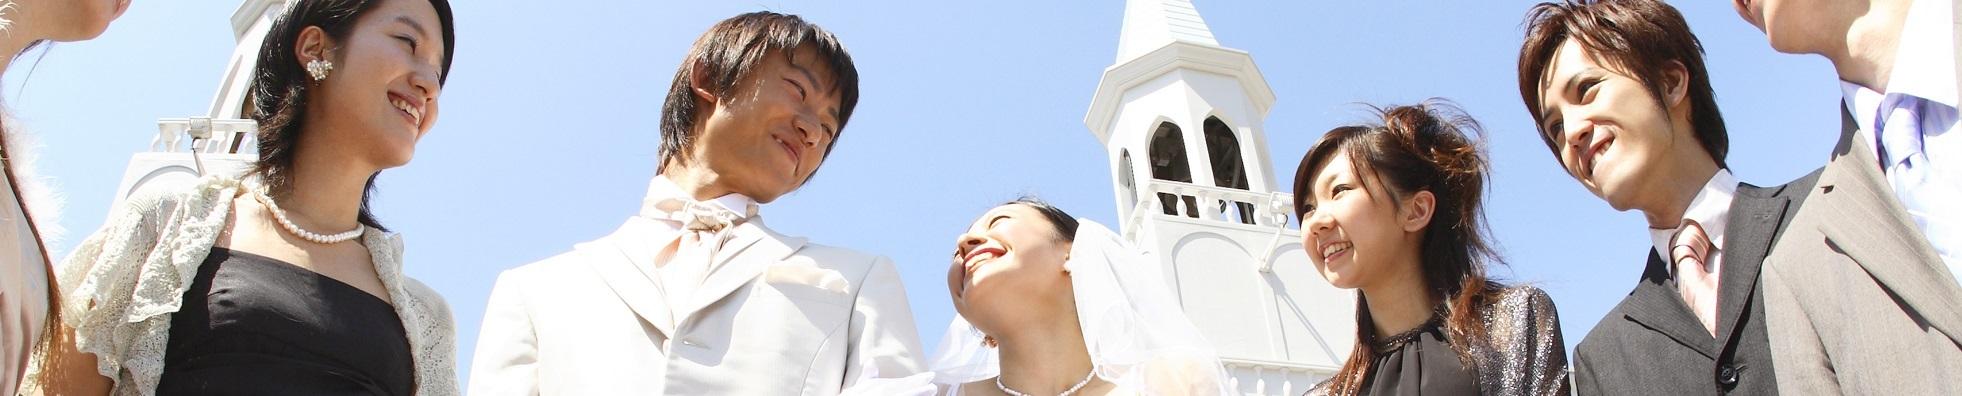 東出昌大と渡部健、女性はどちらの不倫を許せる? 夫婦恋愛で浮気封じ基本3